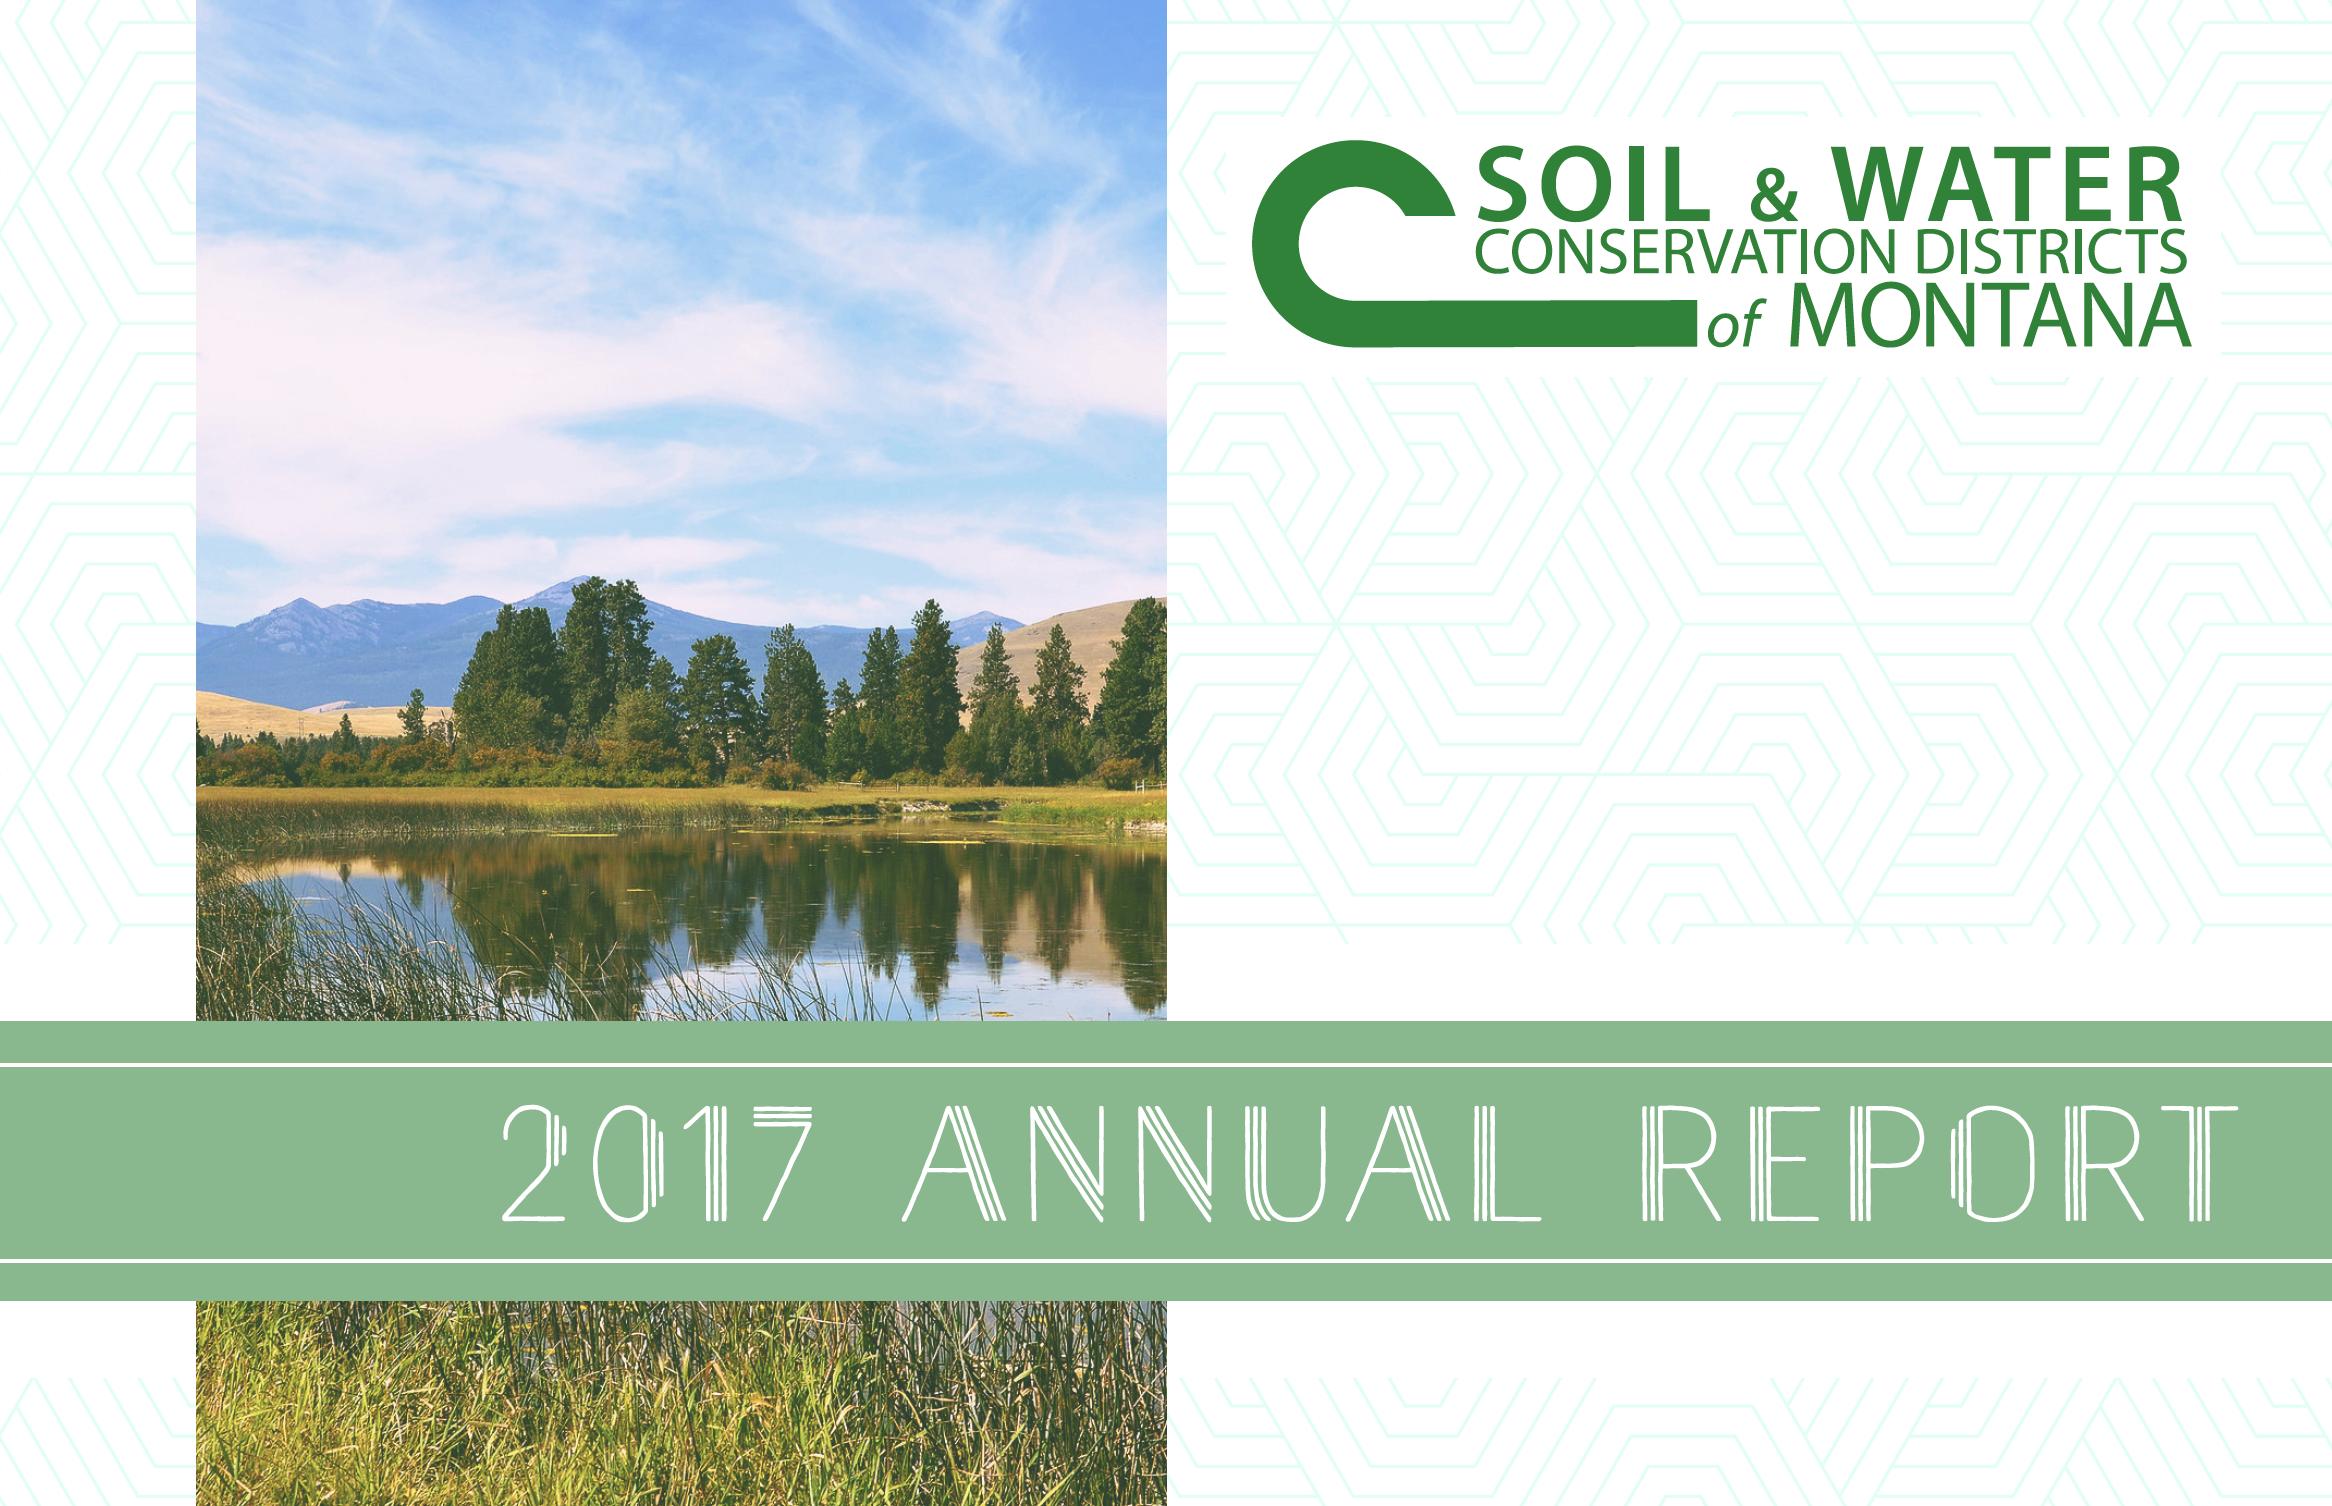 SWCDM 2017 Annual Report